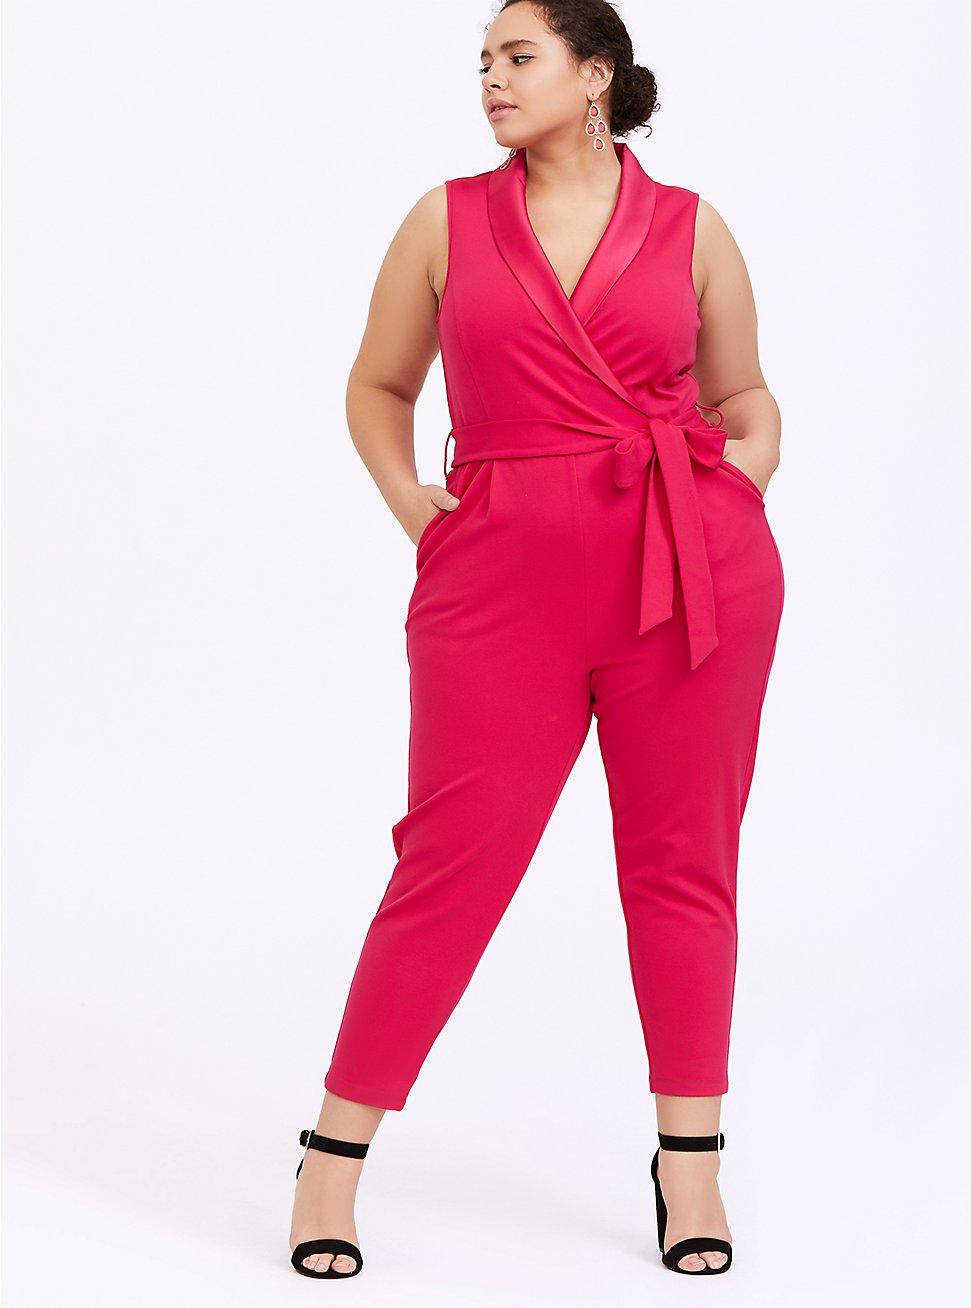 Raspberry Pink Sleeveless Tuxedo Jumpsuit